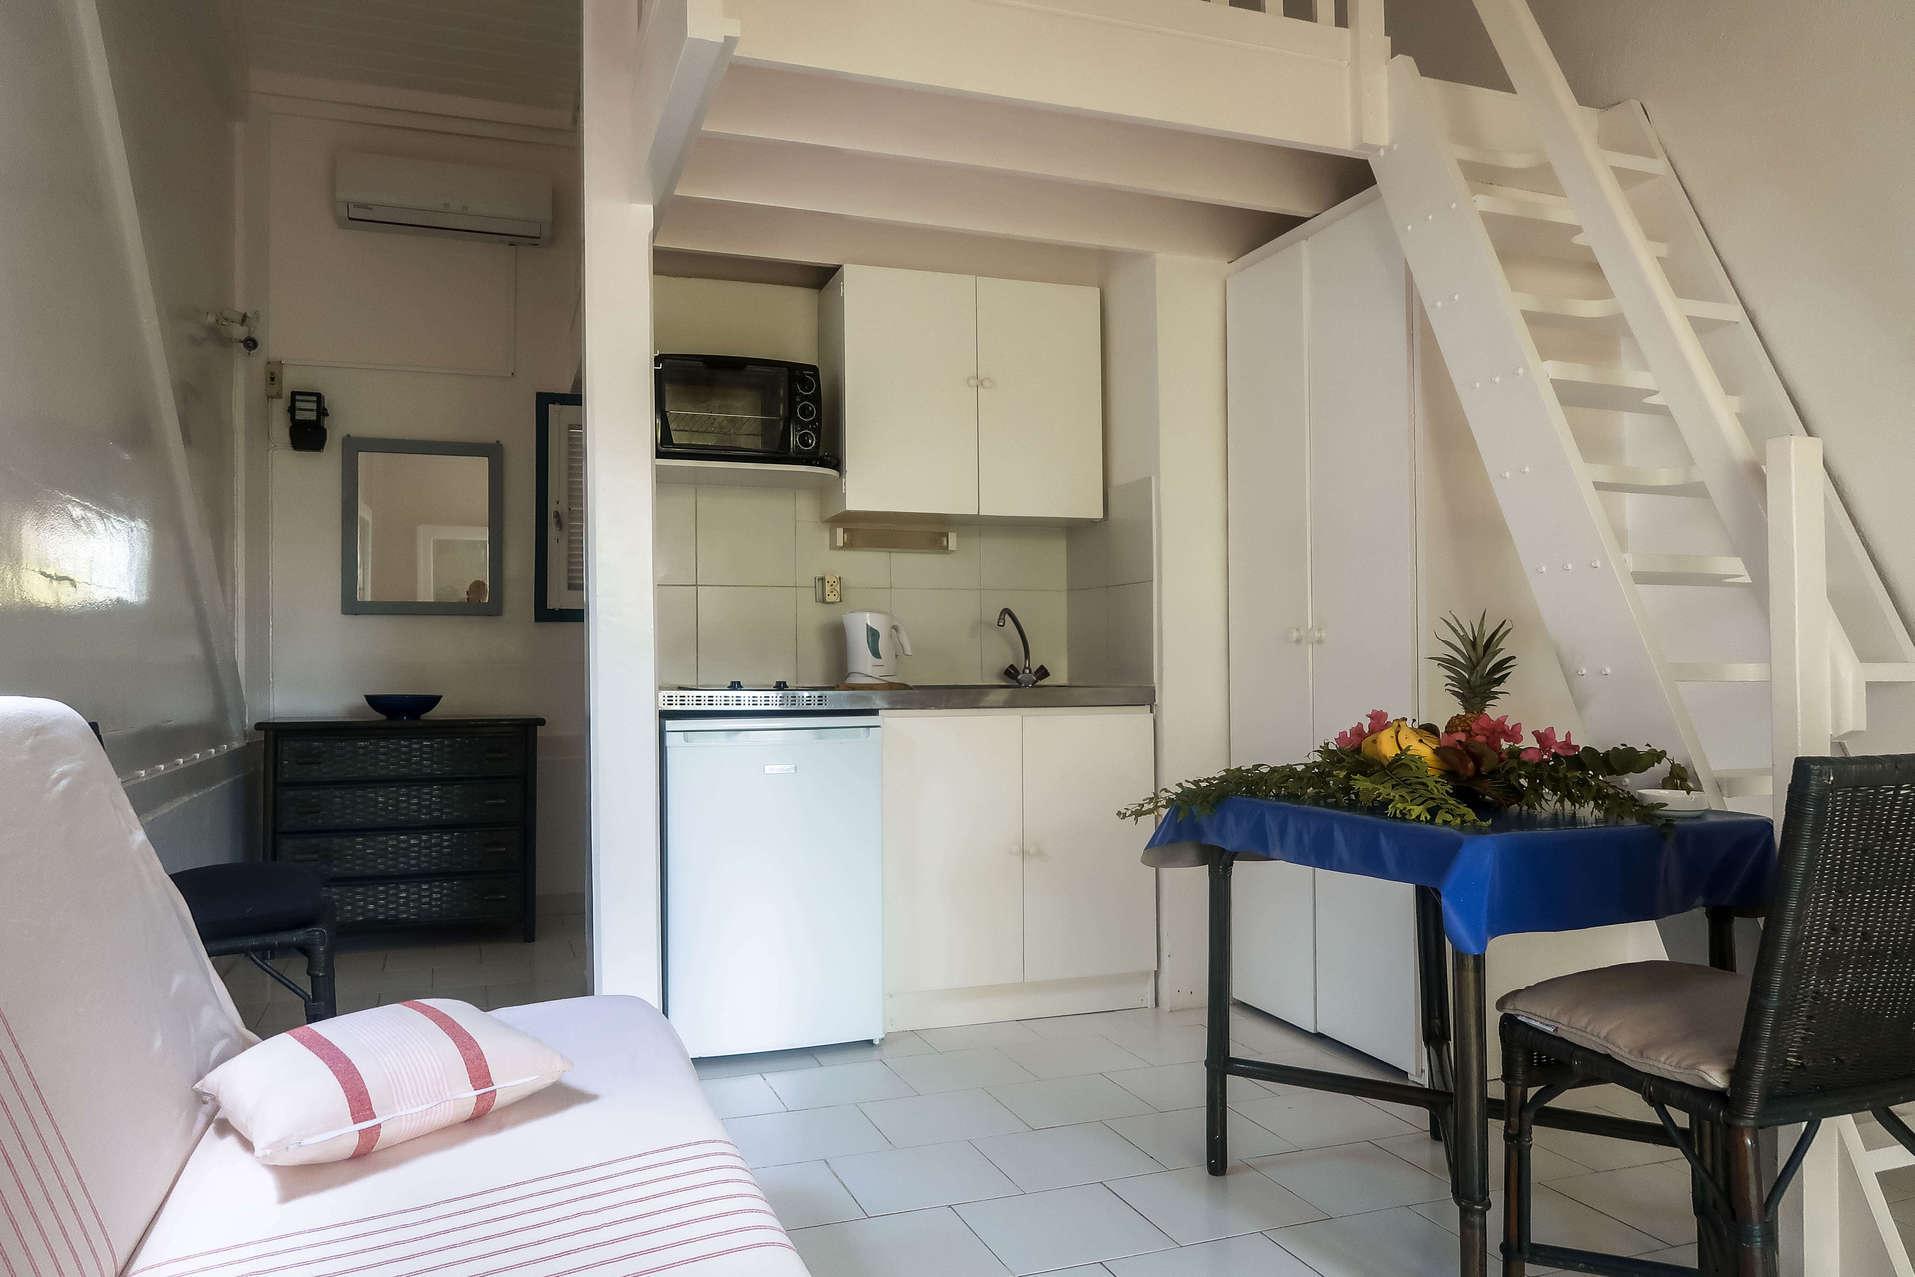 habitation-abricot-location-saisonniere-studio-vue-interieure-salon-cuisine